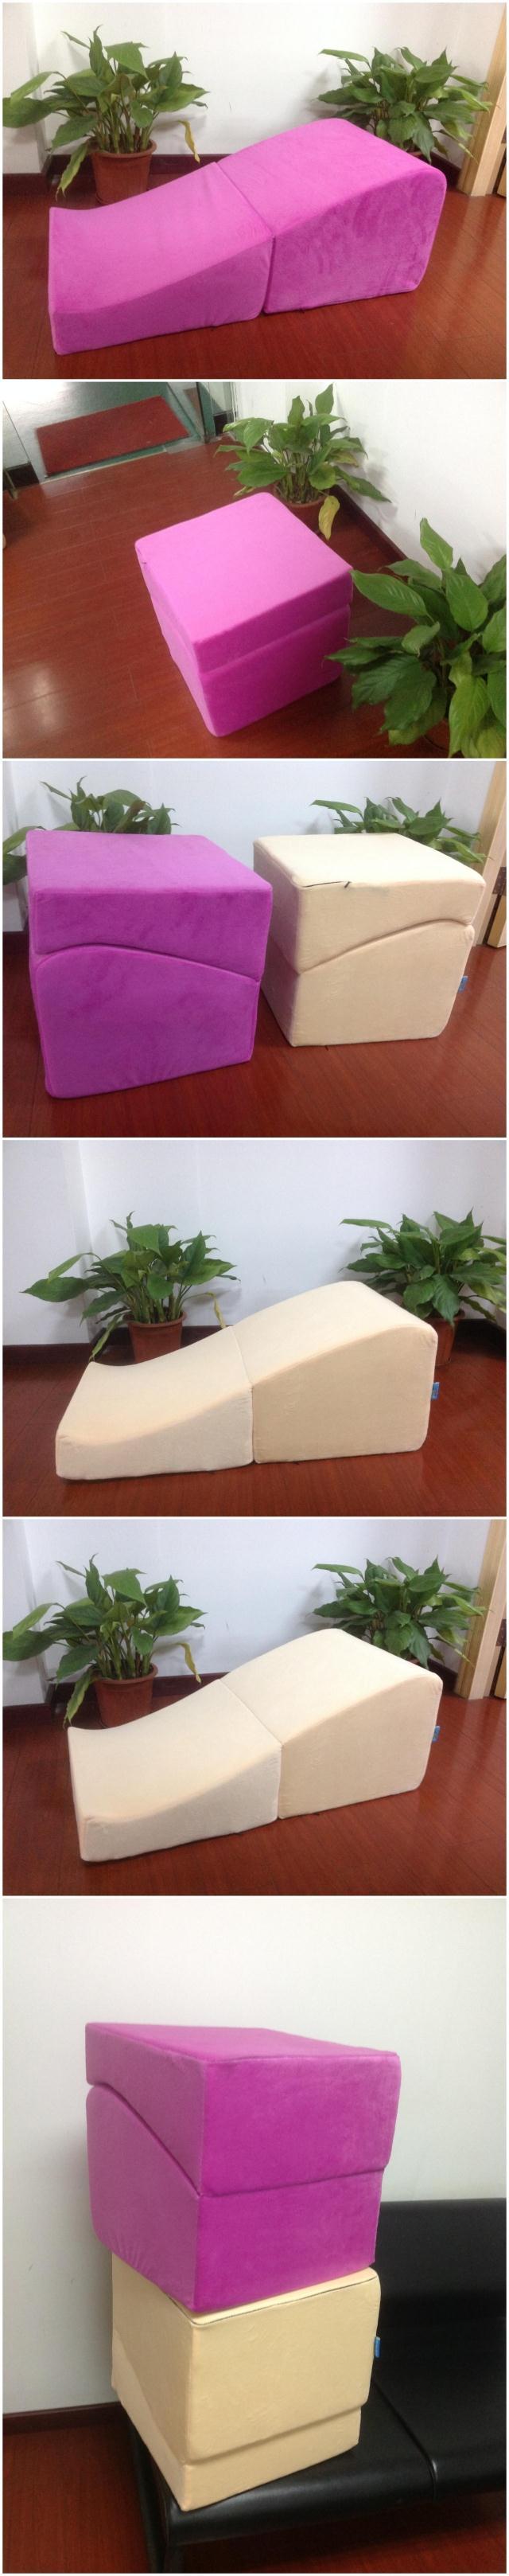 方形折叠垫